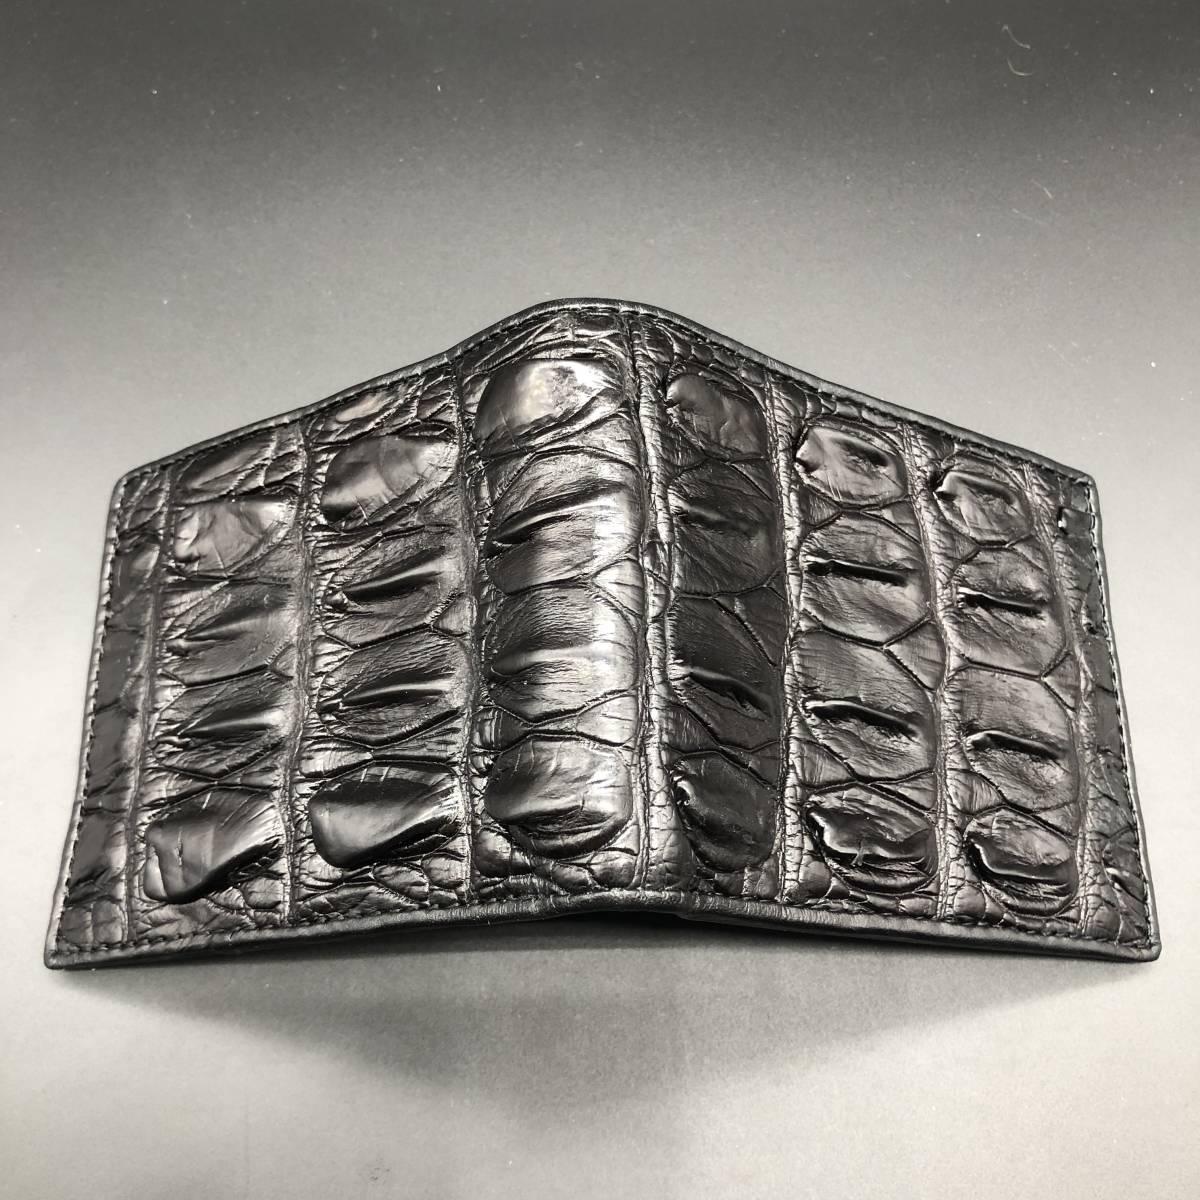 ■新品■ ◆ハンドメイド◆ 二つ折り財布 クロコダイル(背部分使用 )★海外工房店制作★ Ⅱ_画像5